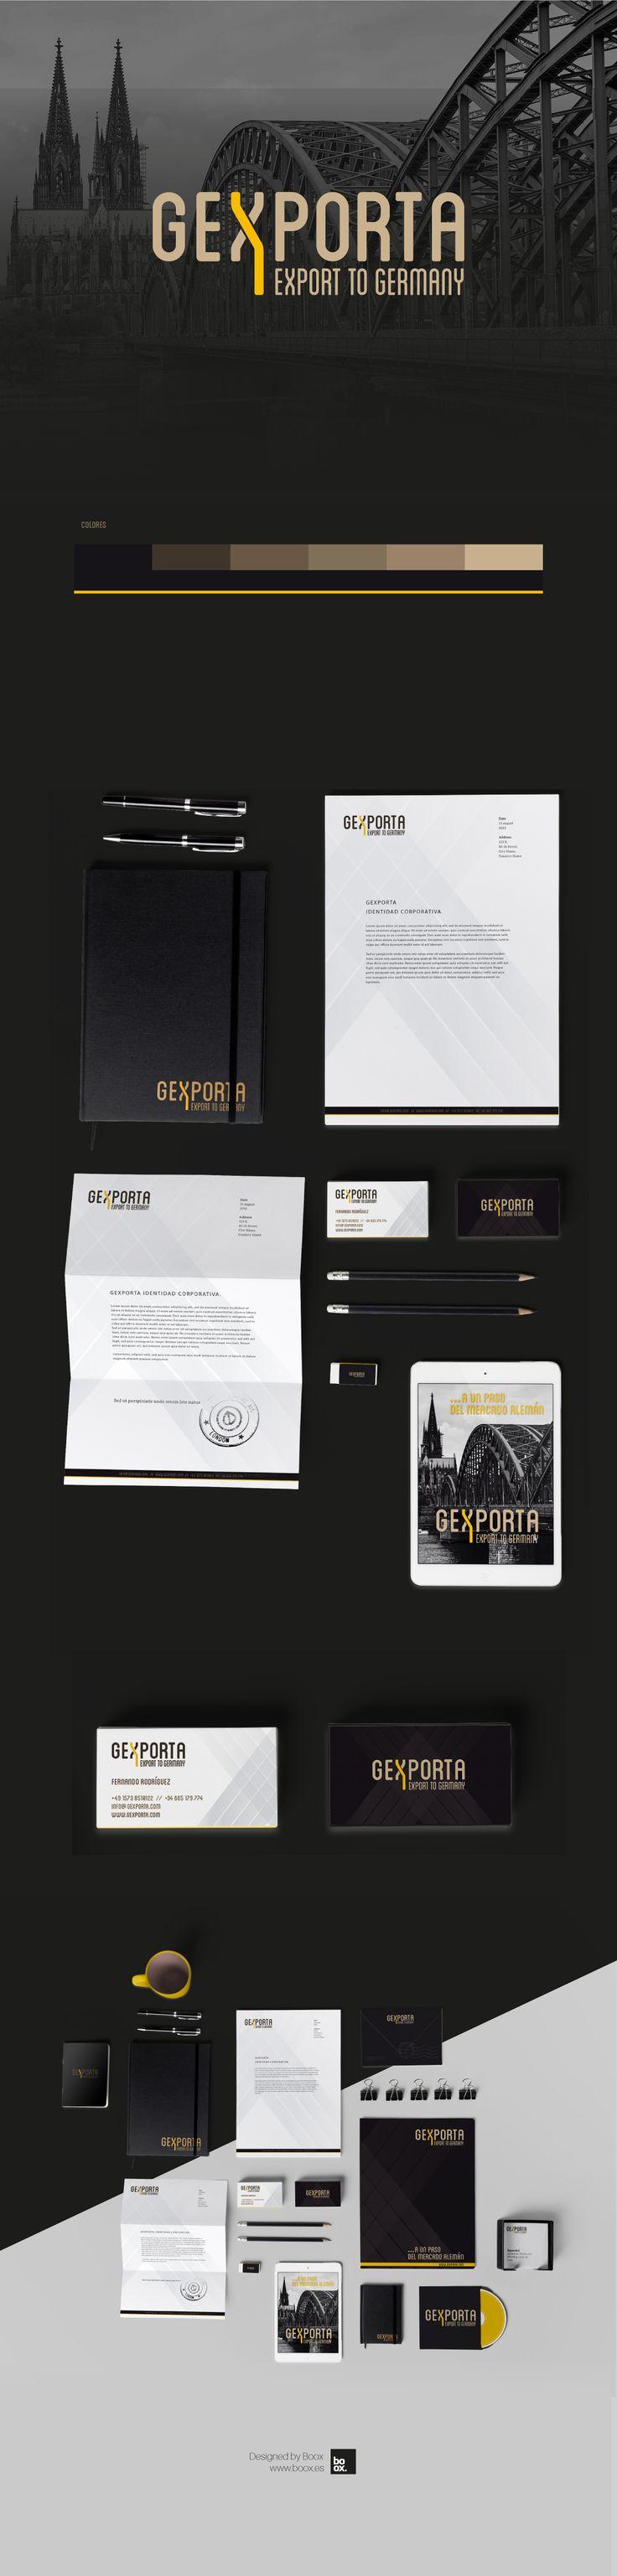 Proyecto de identidad corporativa realziado para Gexporta.